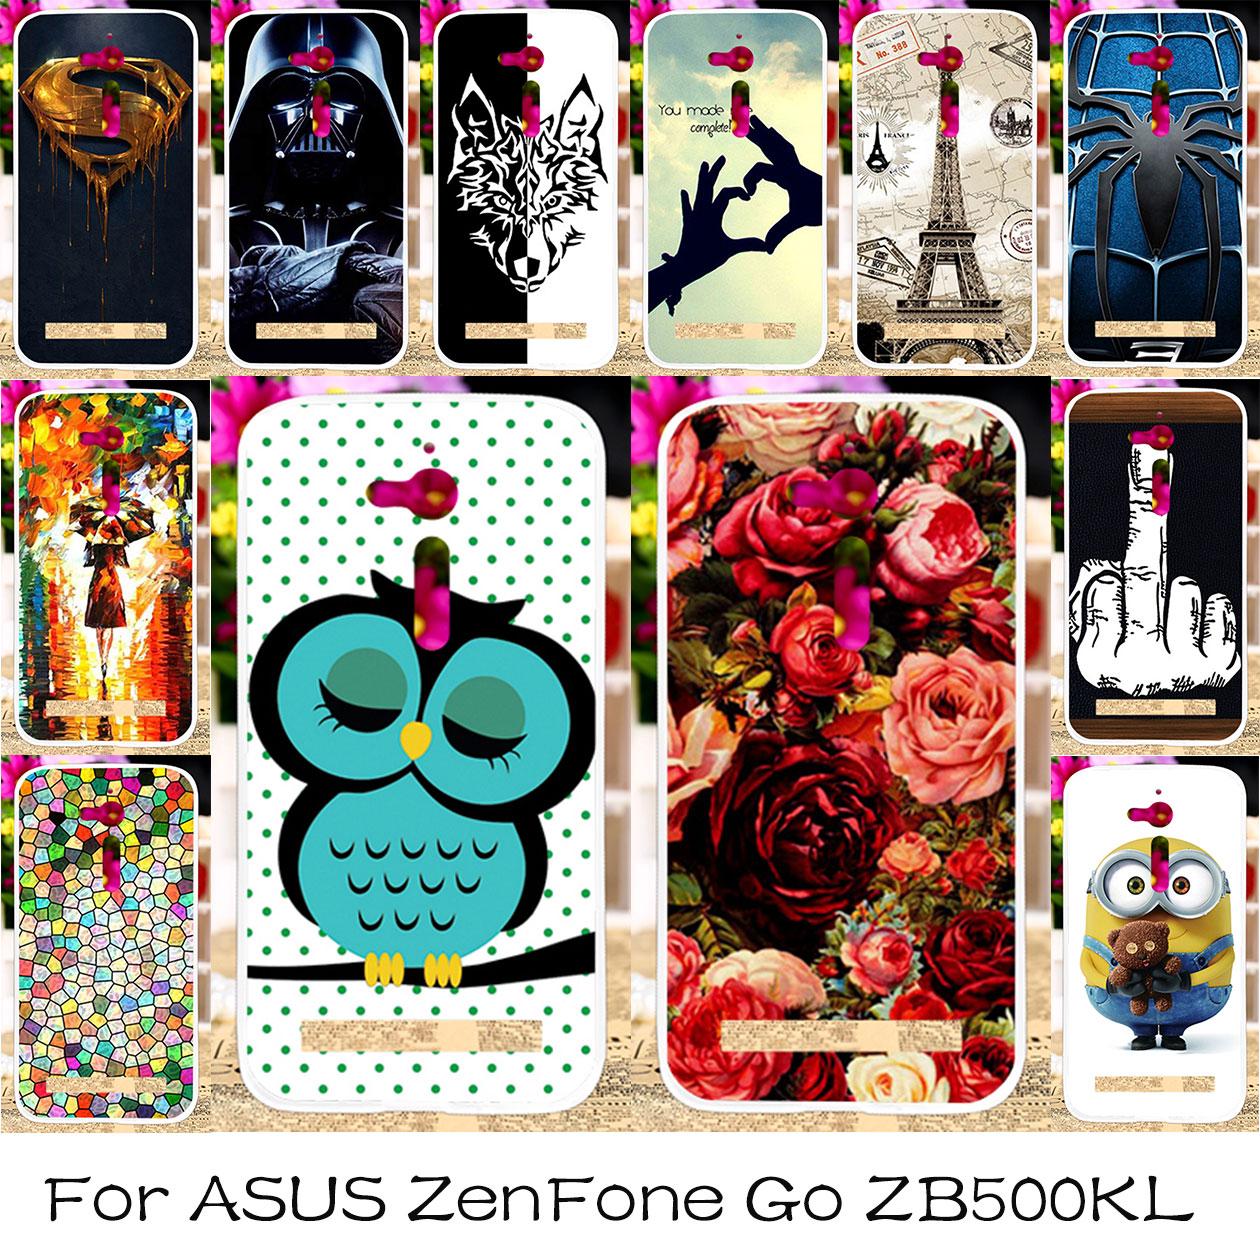 TAOYUNXI Silikonové plastové pouzdro pro telefon ASUS ZenFone Go - Příslušenství a náhradní díly pro mobilní telefony